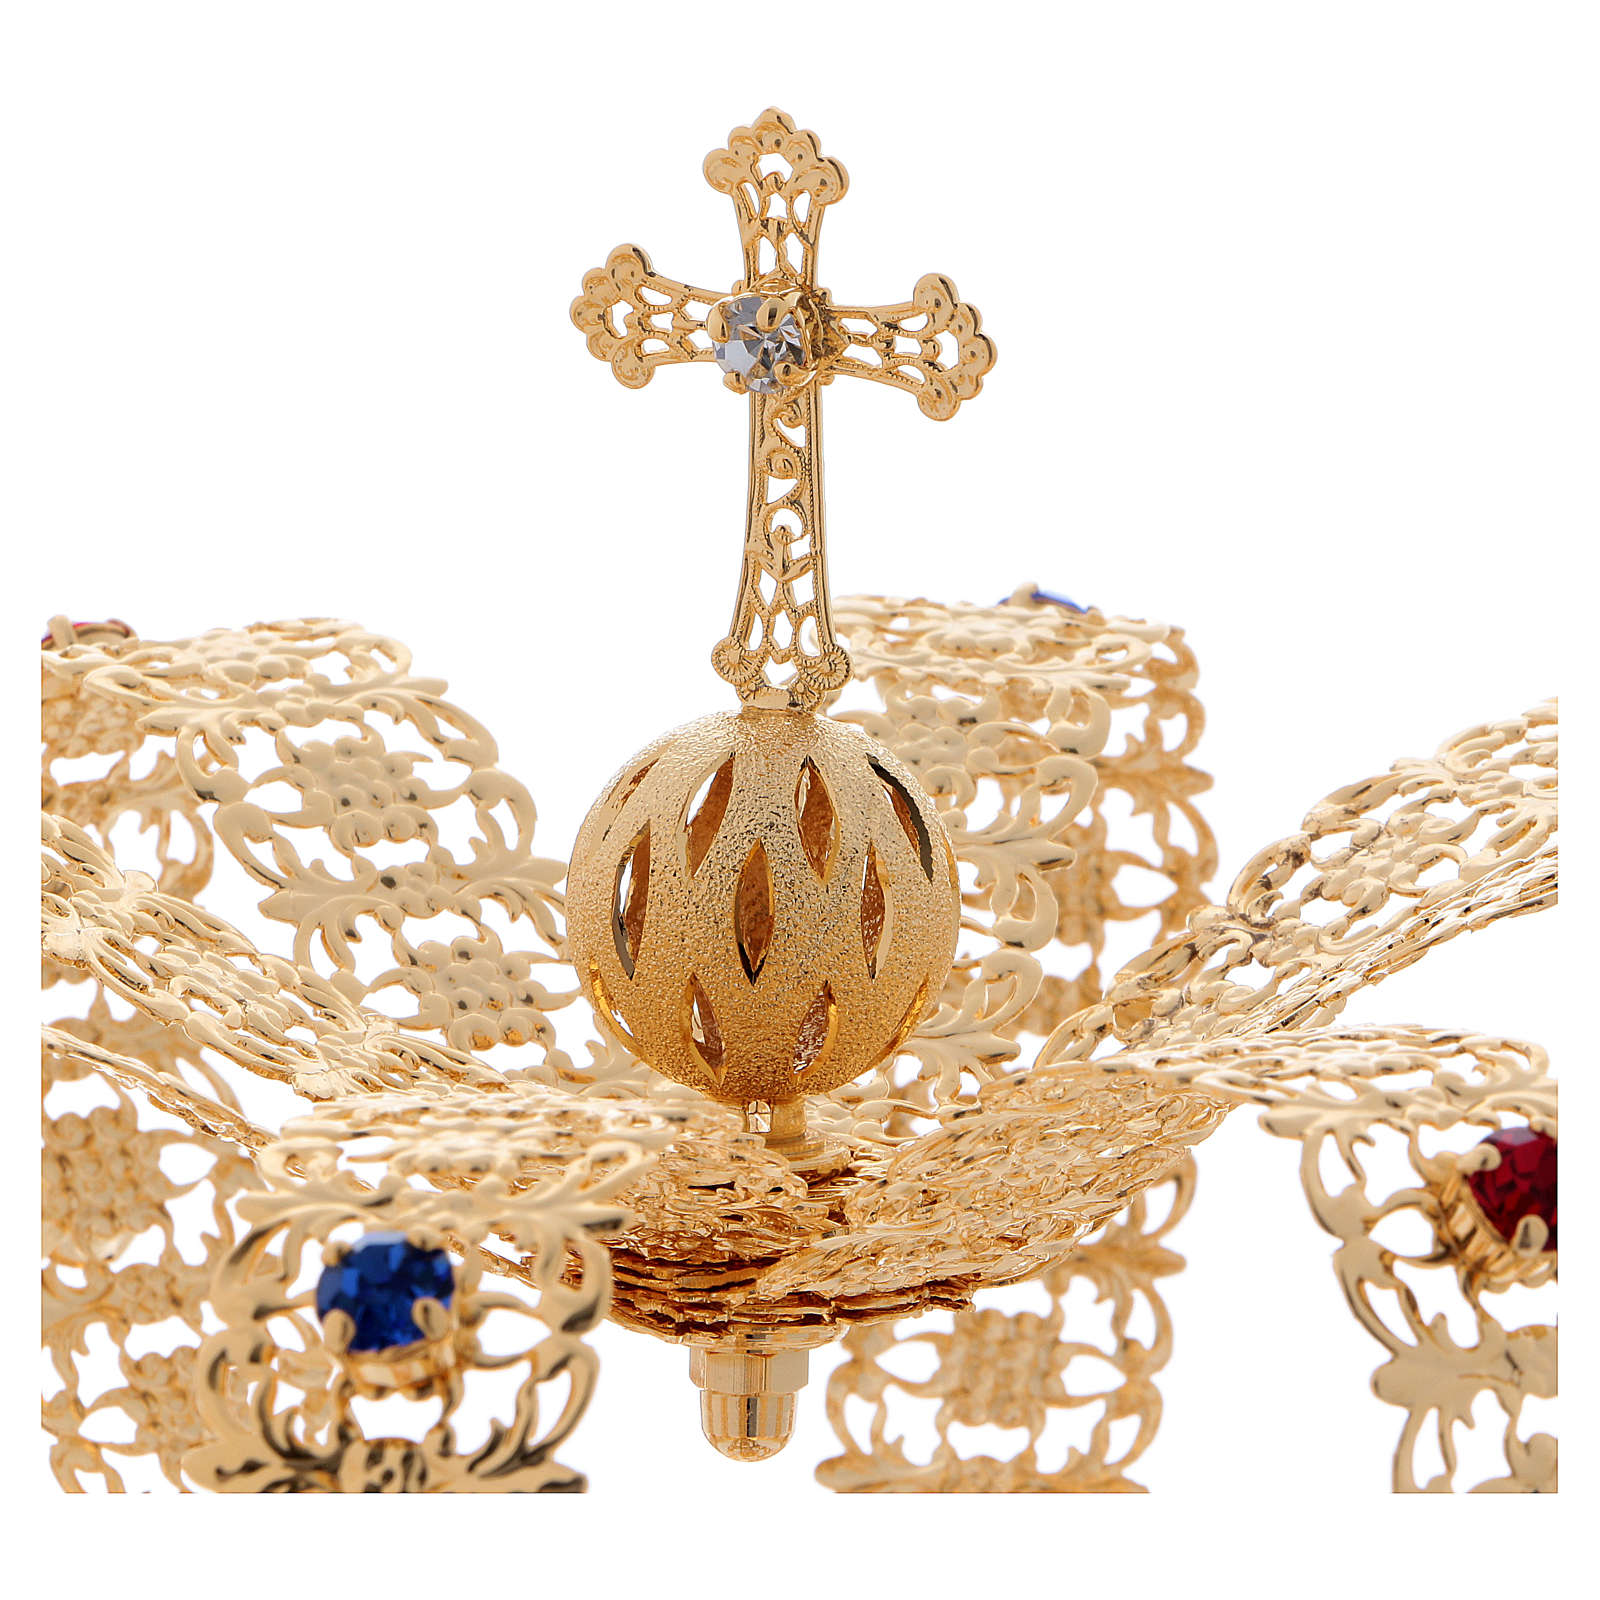 Korona cesarska krzyż i klejnoty średnica 12 cm 3